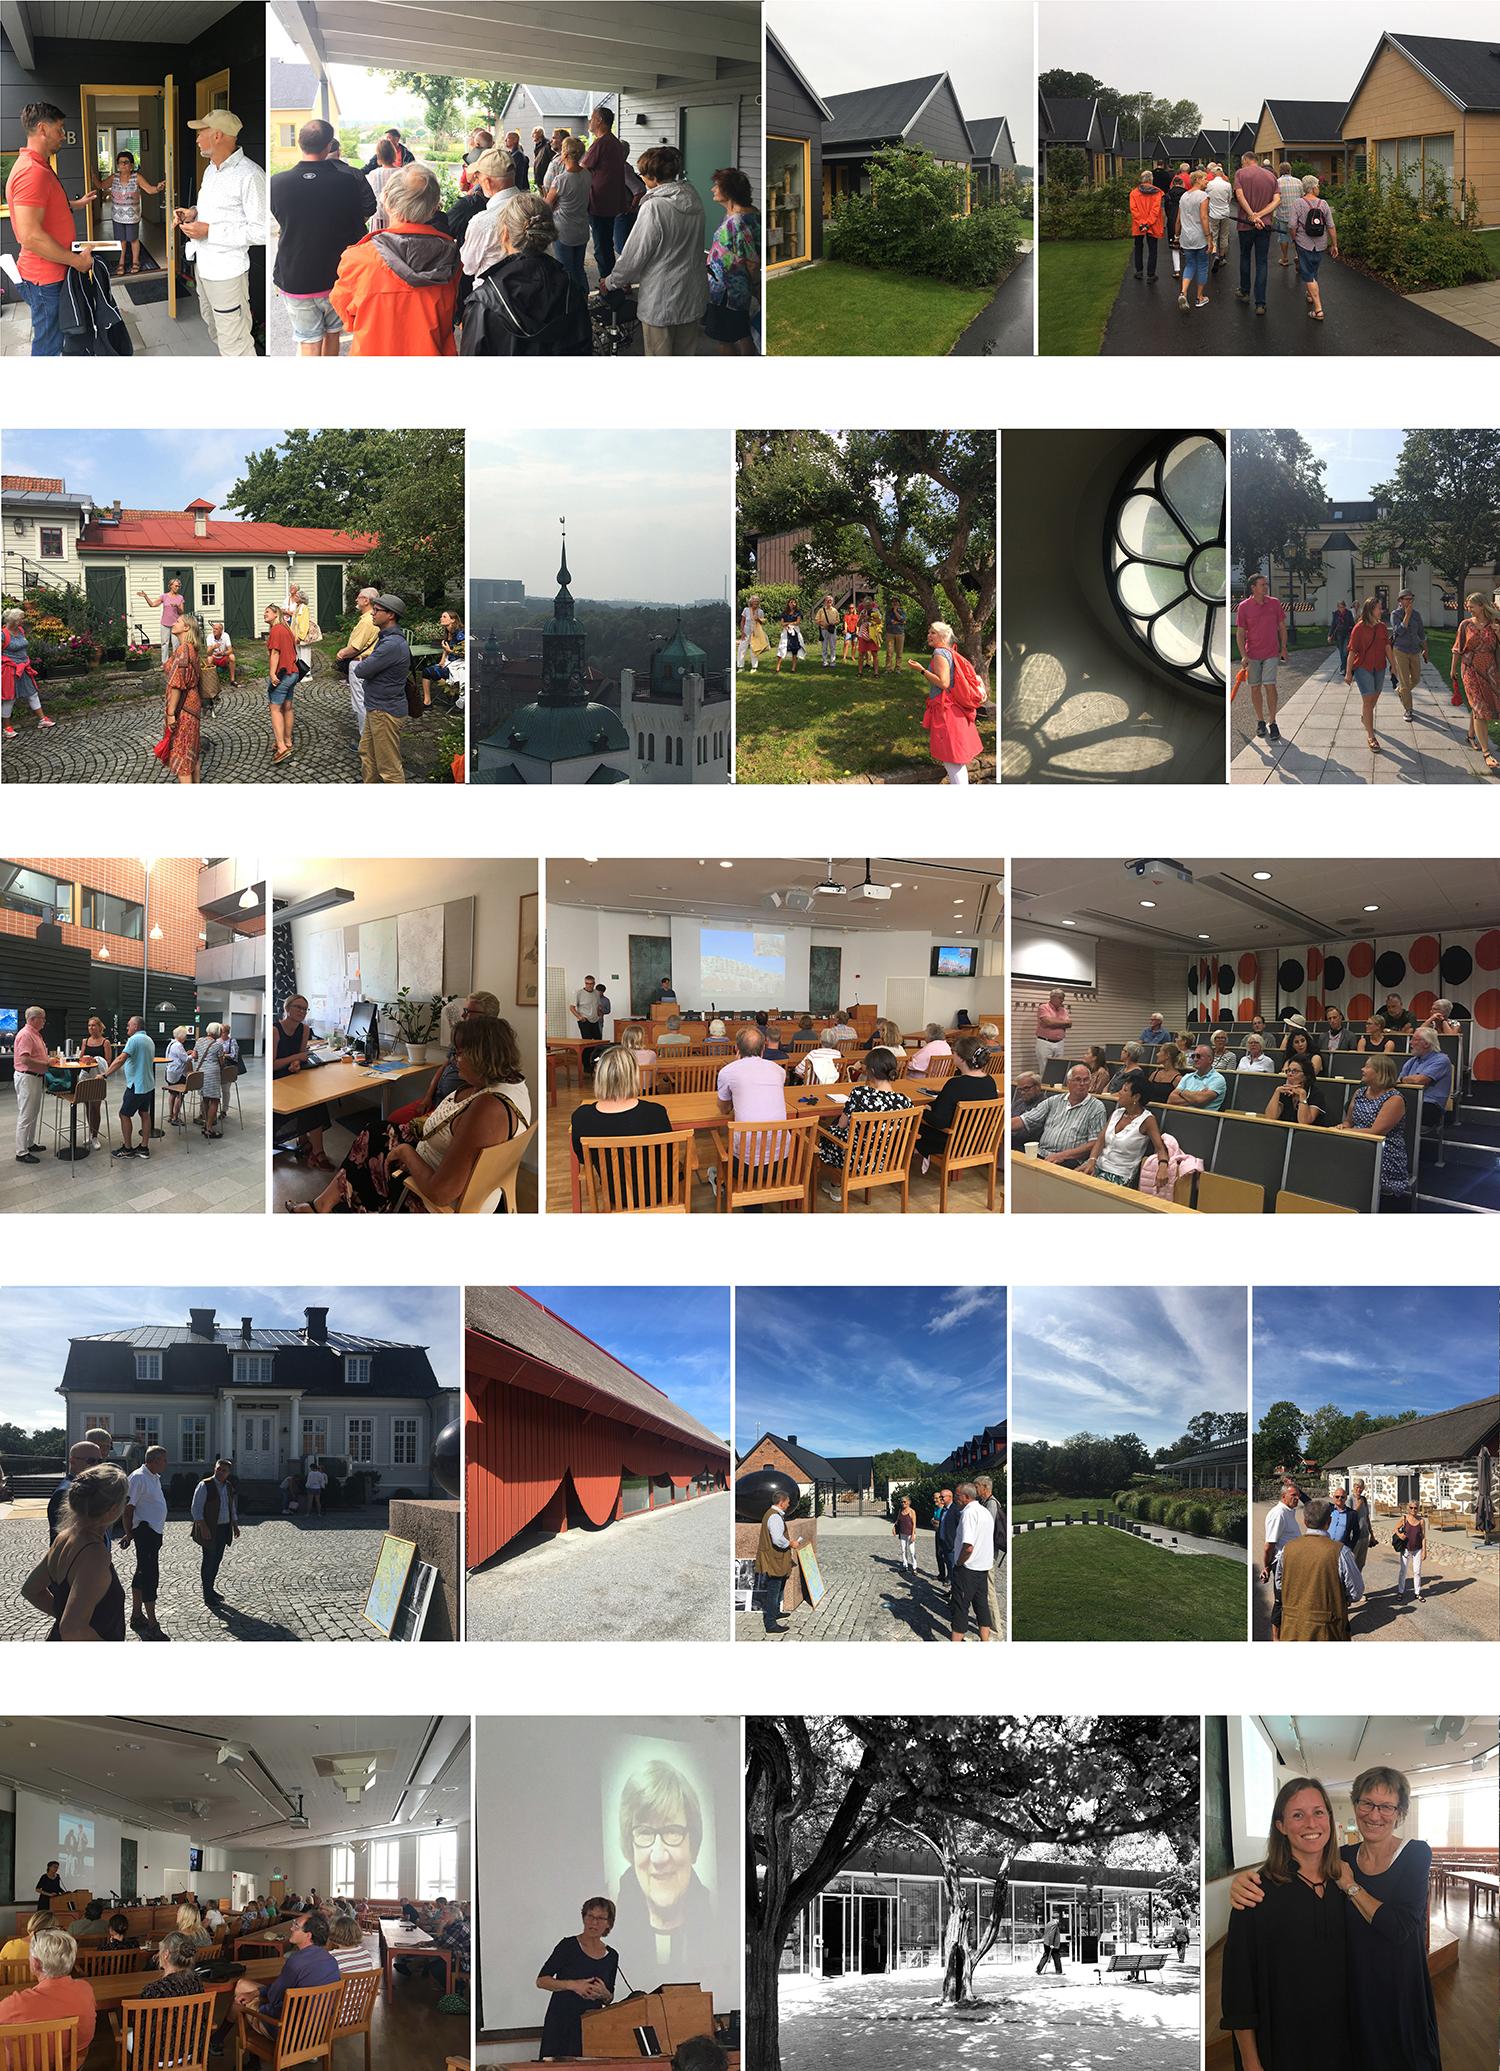 Fler ögonblick från de olika programpunkterna.Foton: Emina Kovacic utom det svartvita: Sten Vilson